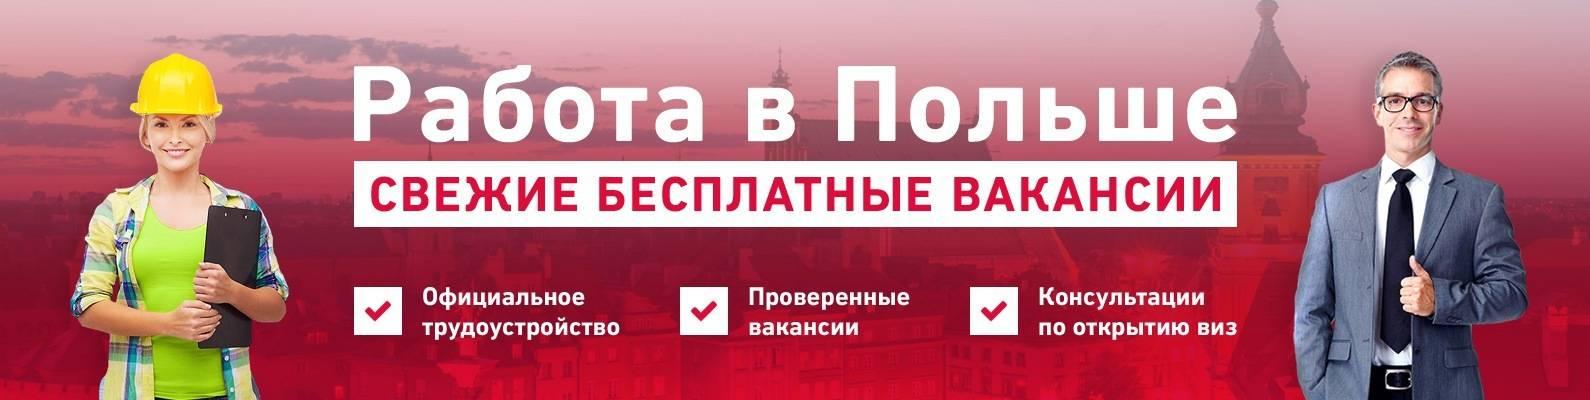 Работа в польше для белорусов – мигранту мир